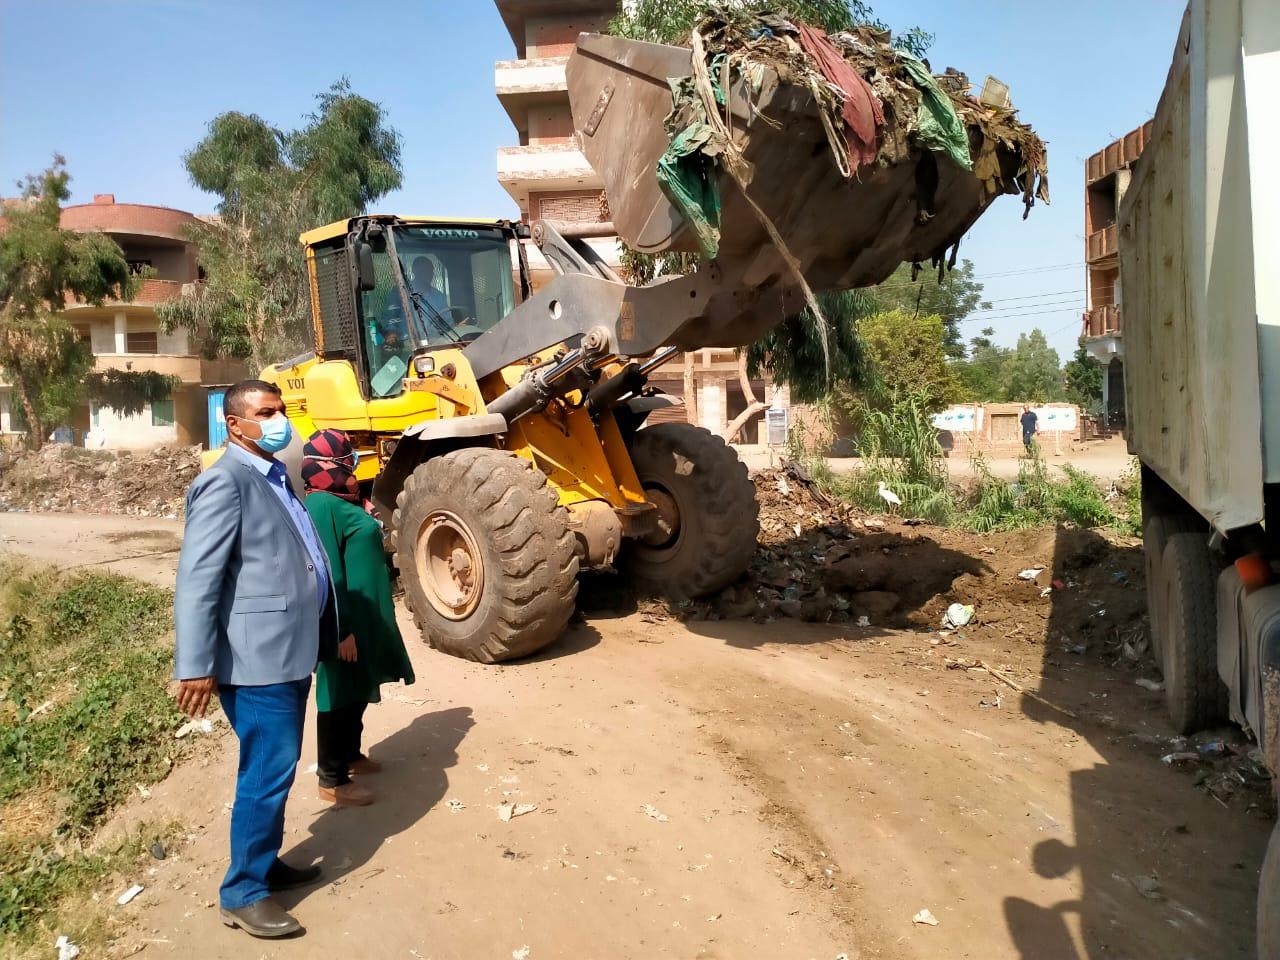 رفع كافة تراكمات القمامة ونواتج الهدم بقرية كفر أبو الحسن بقويسنا والمتابعة اليومية لأعمال النظافة حفاظاً على المظهر الحضارى